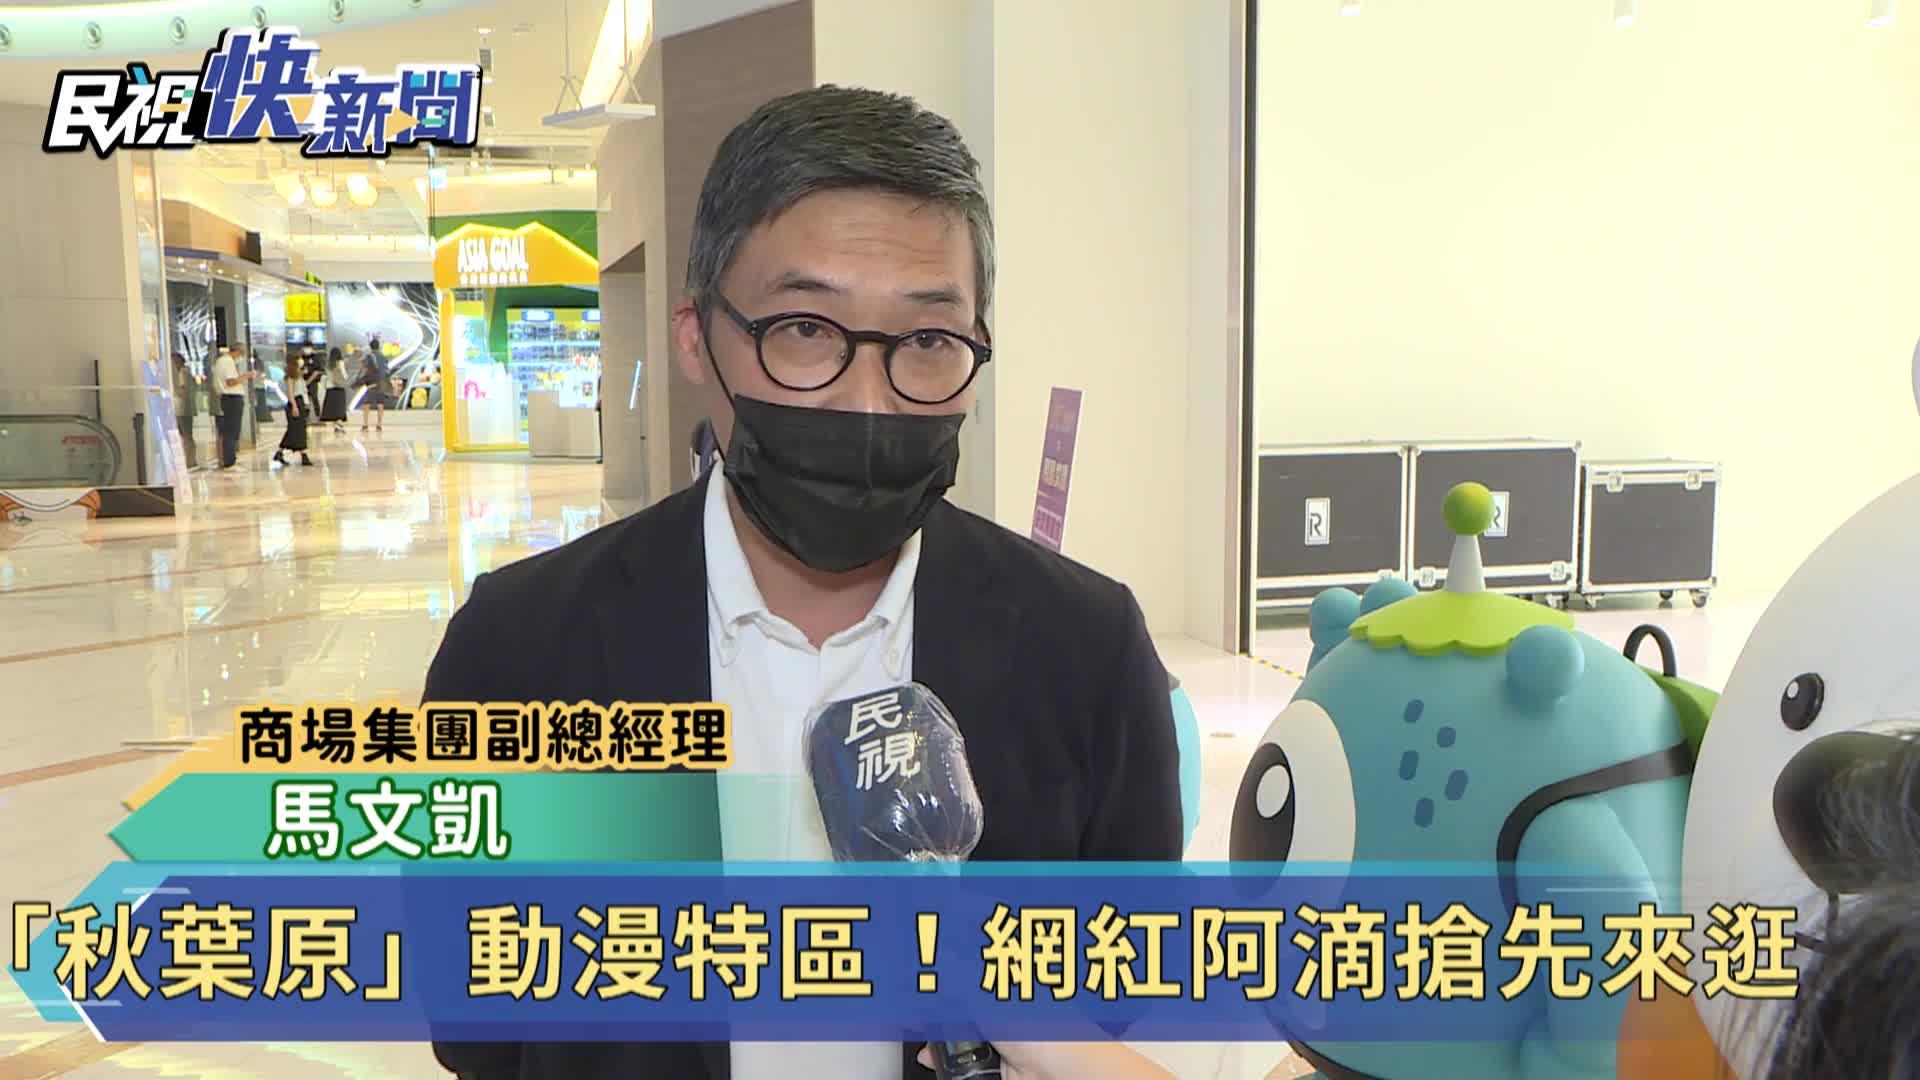 台版「秋葉原」動漫特區!網紅阿滴搶先來逛